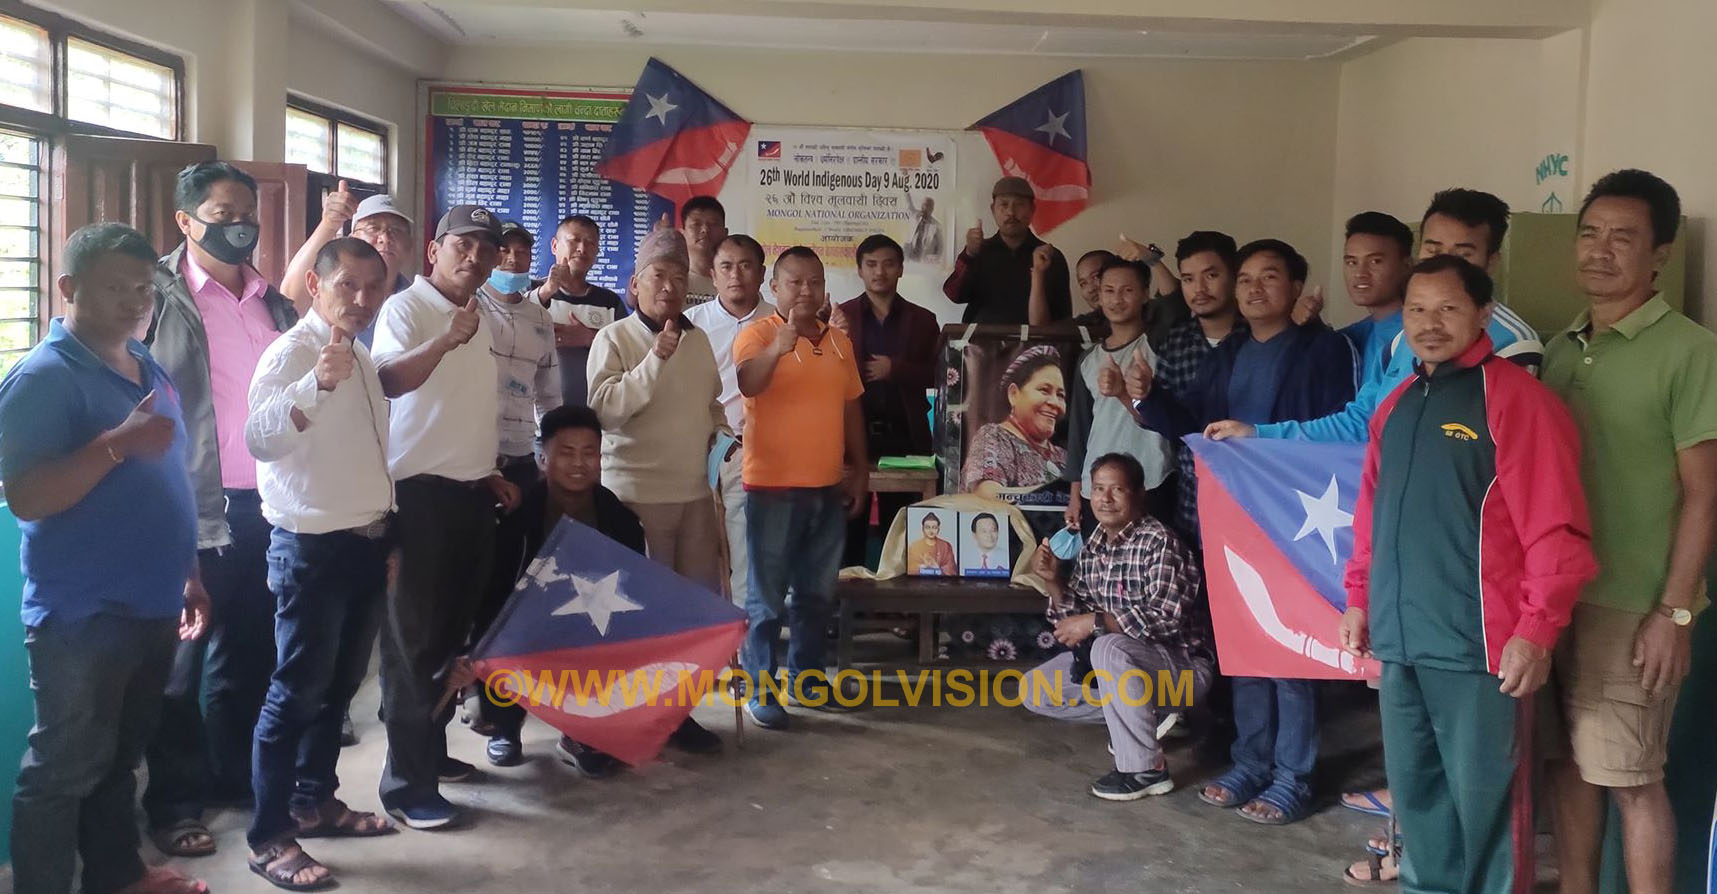 पाल्पाको बिभिन्न स्थानमा २६ औं विश्व मूलबासी दिवश सम्पन्न